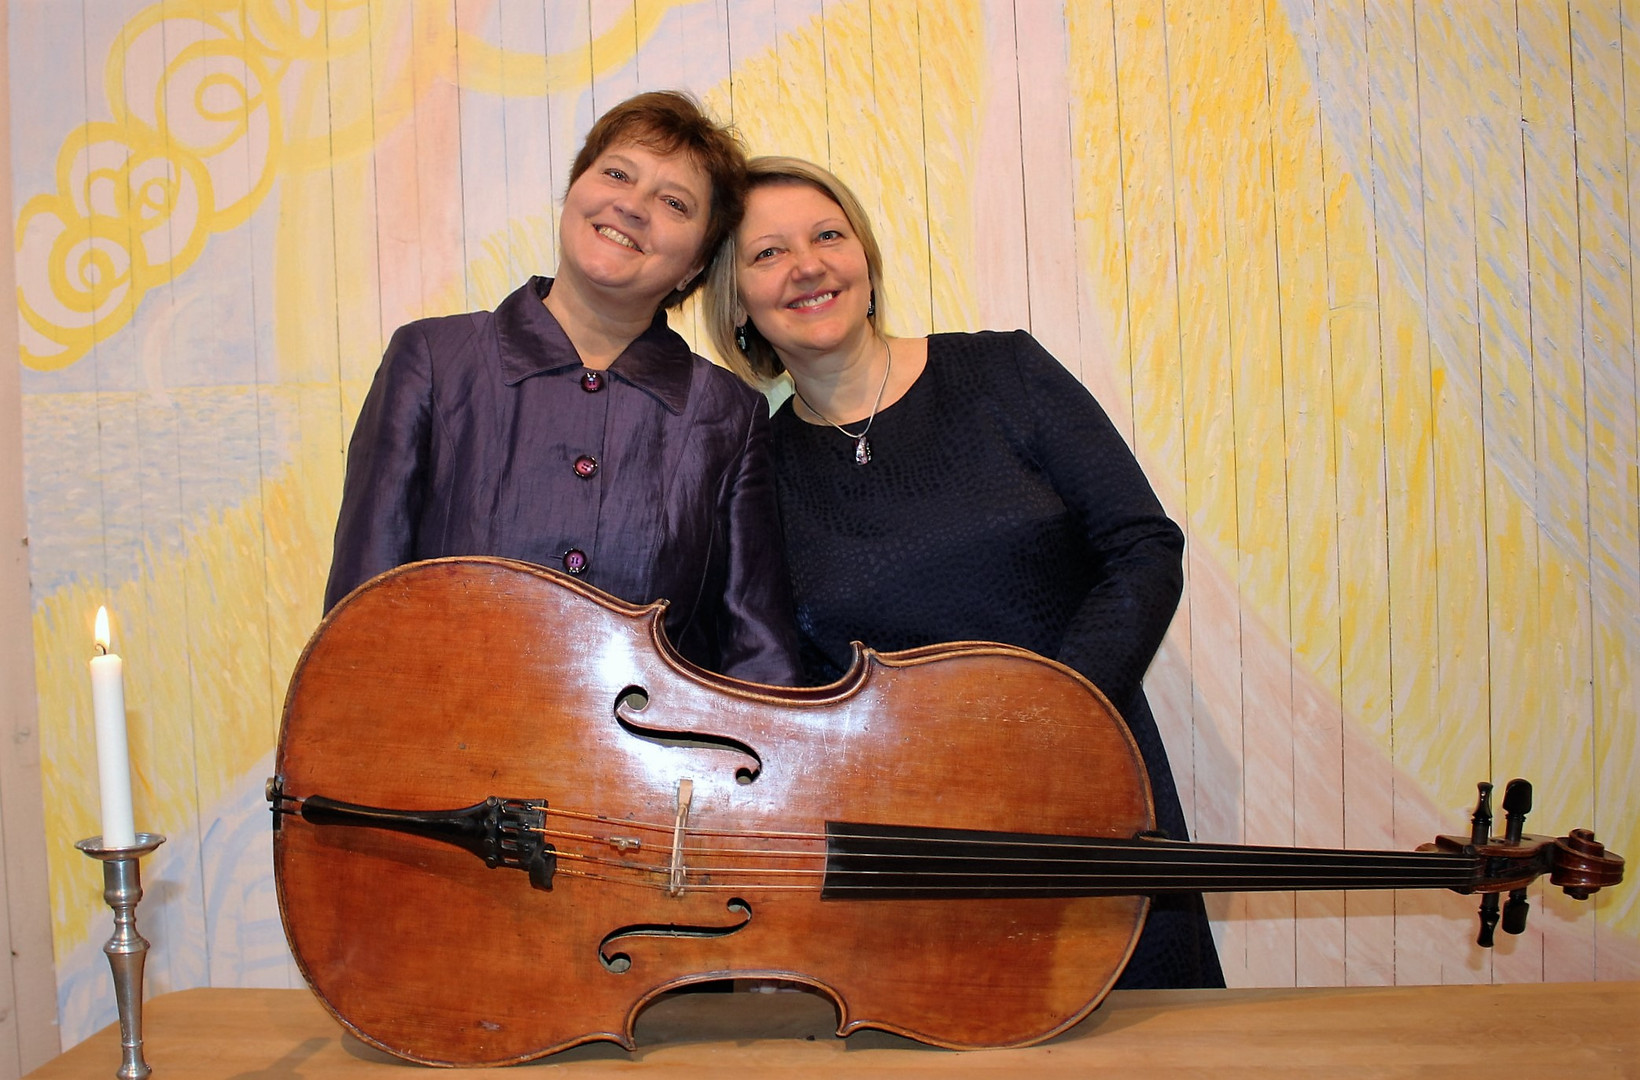 With cellist Lolita Lilje